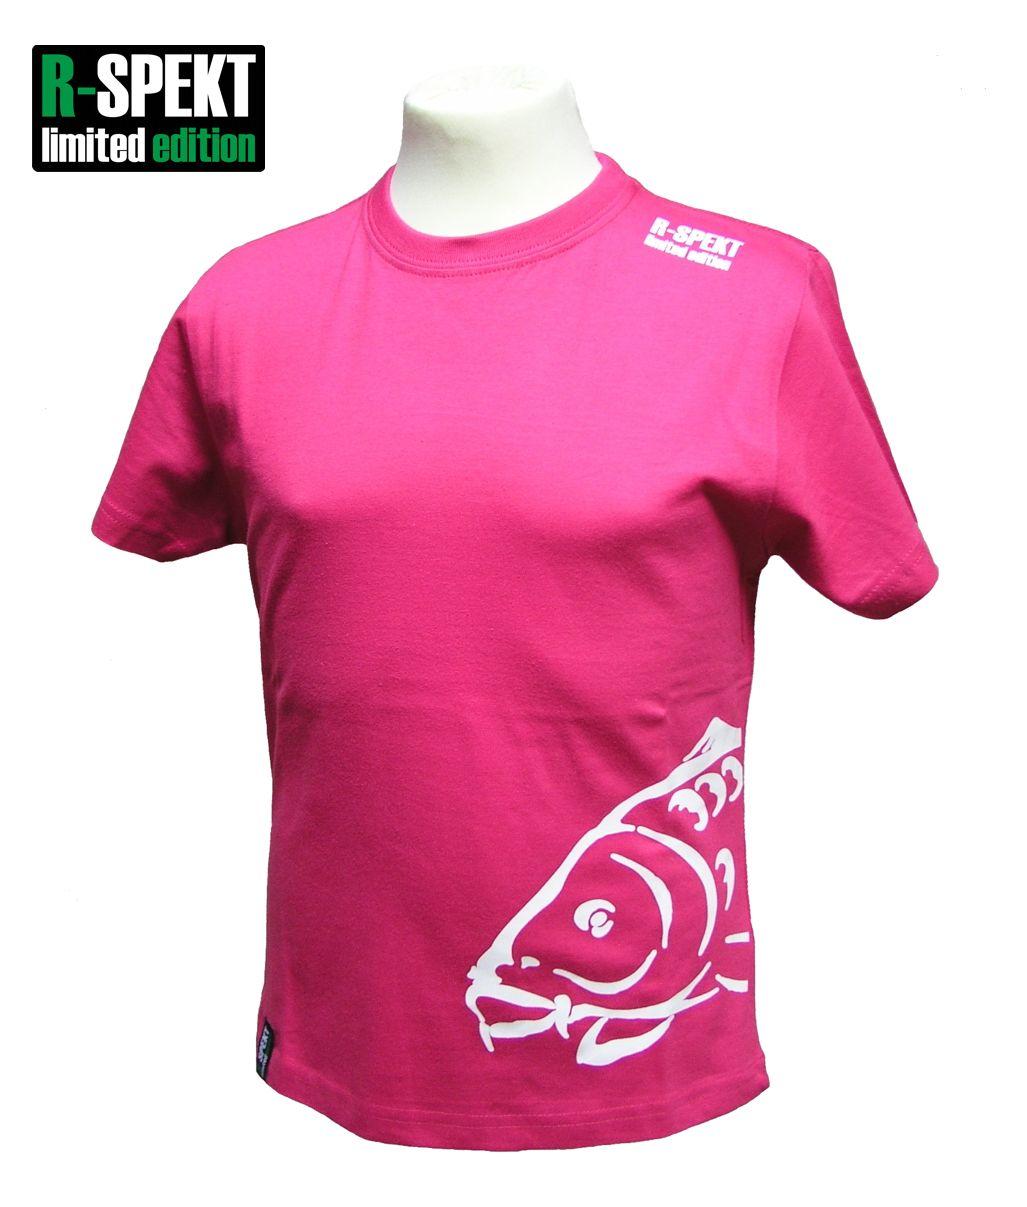 R-spekt detské tričko carper kids ružové-veľkosť 3/4 yrs